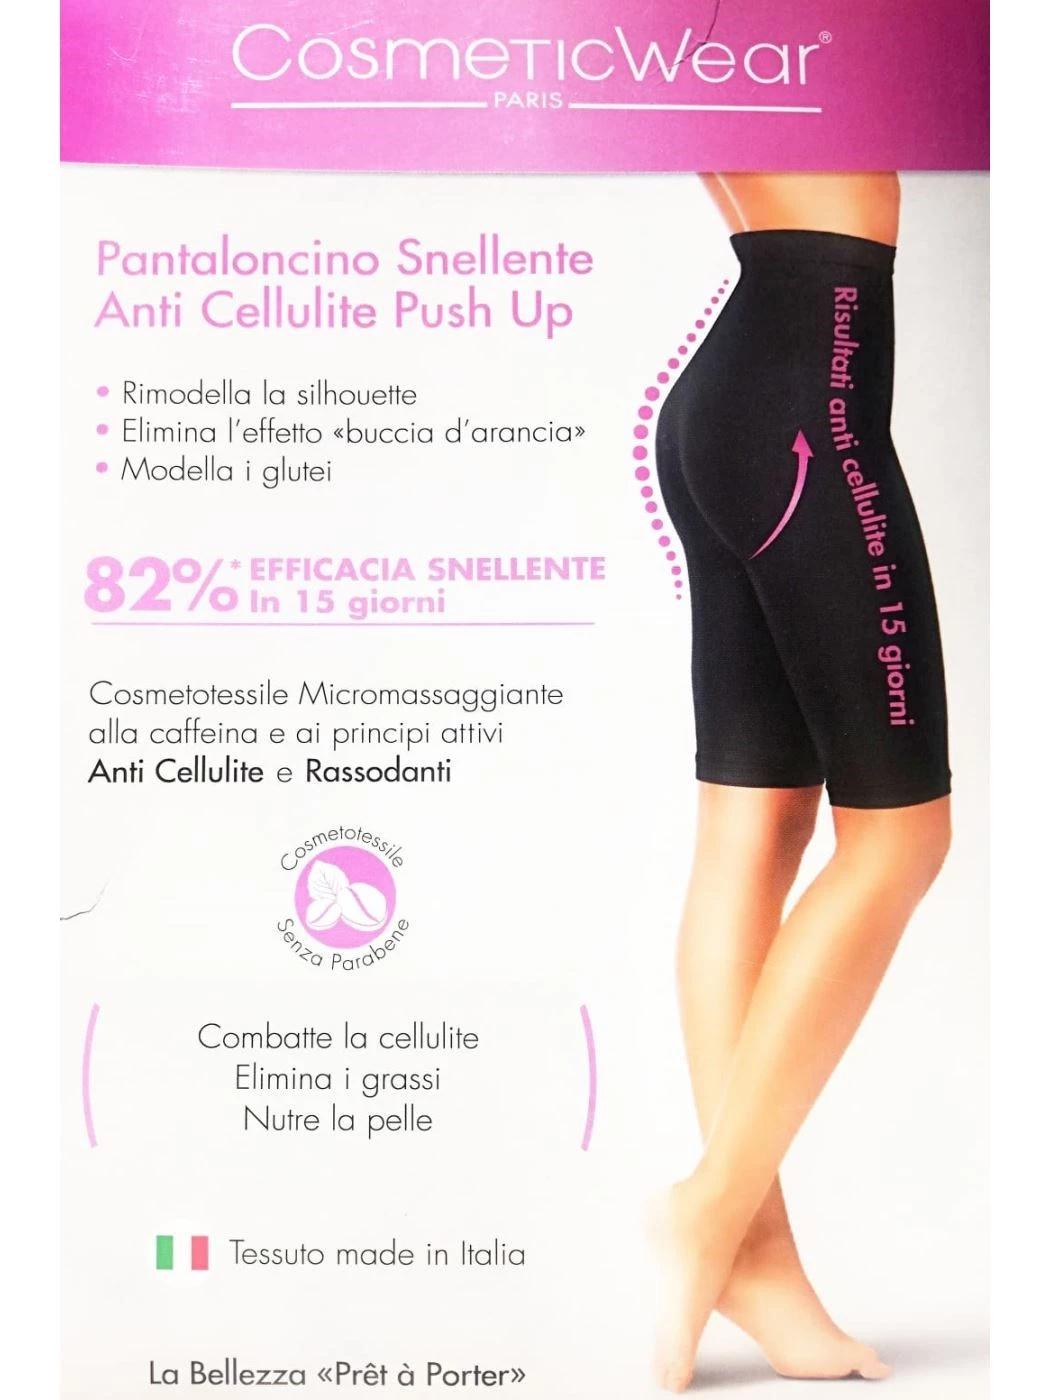 Ciclista a vita alta Snellente Anticellulite Cosmeticwear